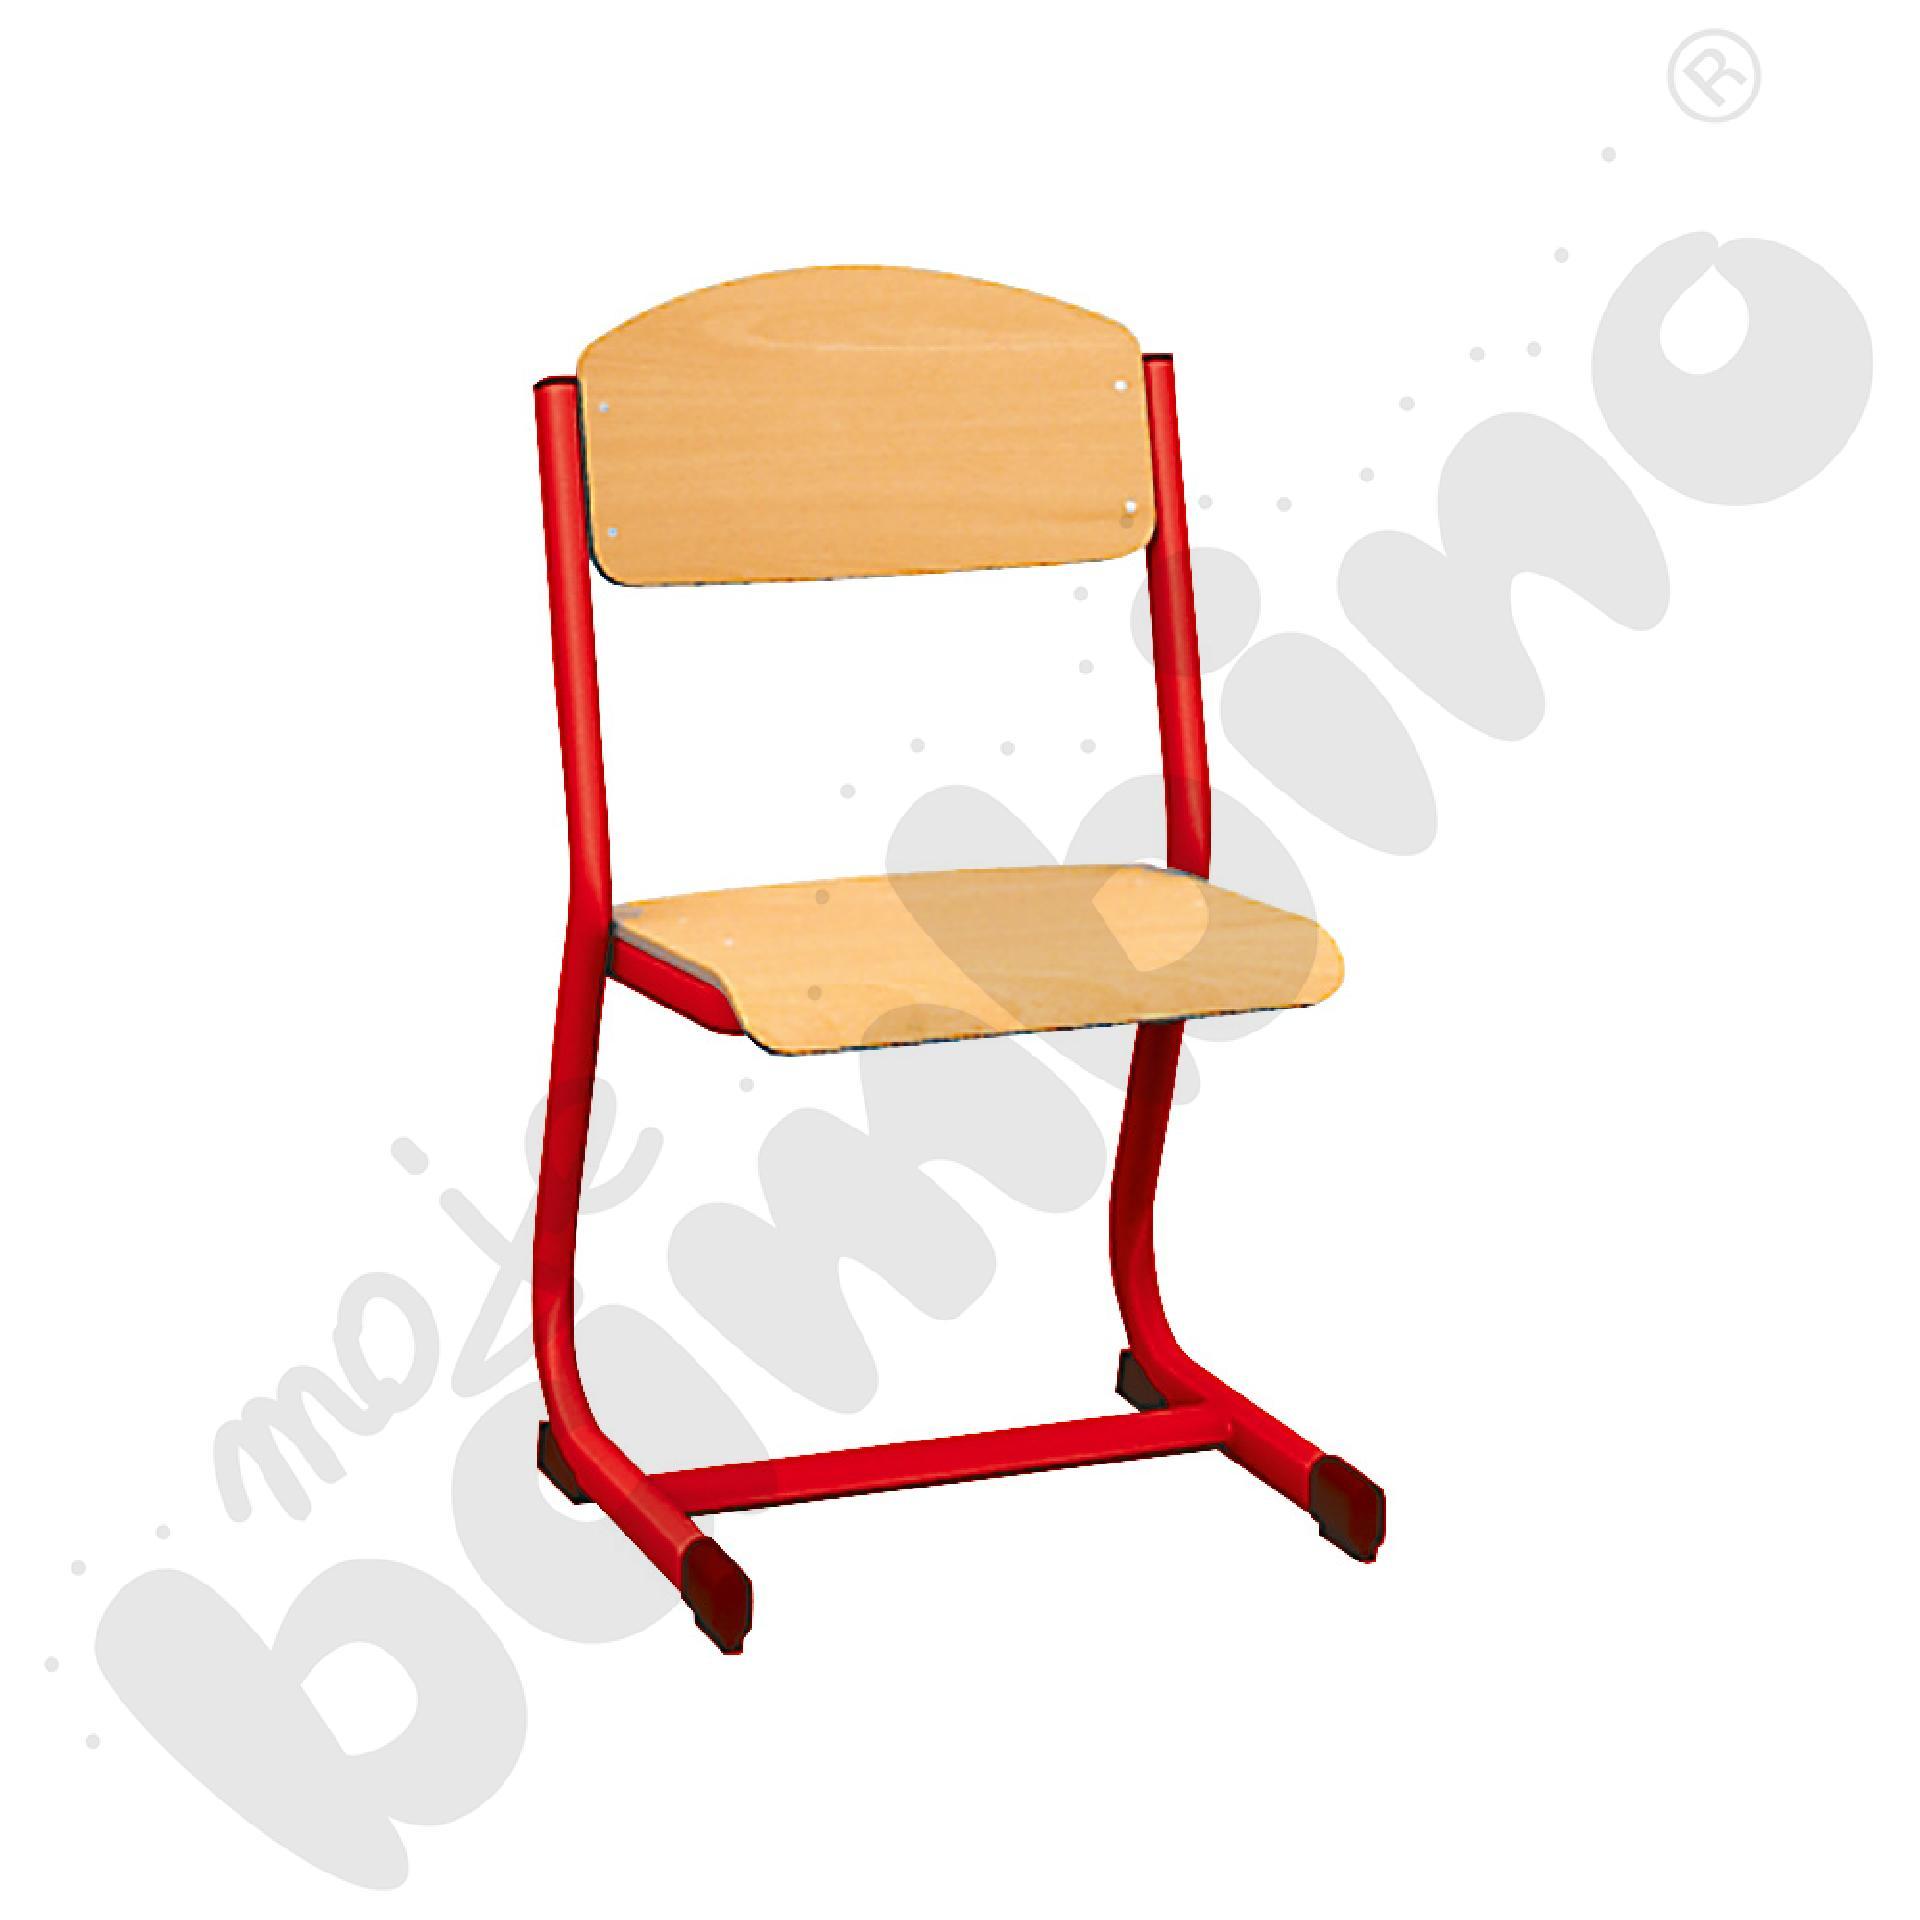 Krzesło IN-C rozm. 4 czerwone